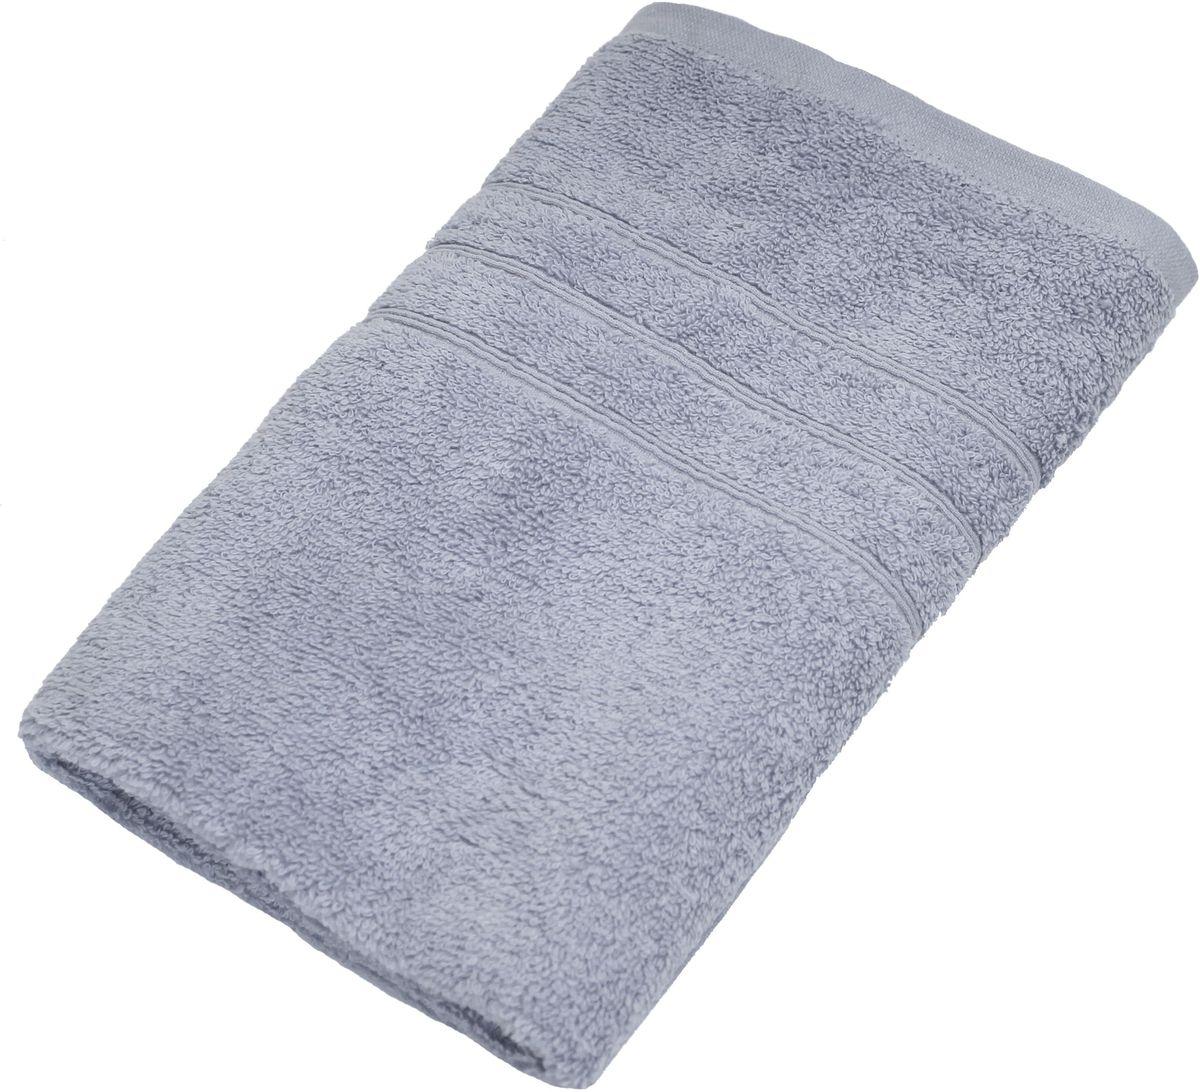 Полотенце Proffi Home Модерн, цвет: серый, 50 x 100 см391602Мягкое махровое полотенцеProffi Home Модерн отлично впитывает влагу и быстро сохнет, приятно в него завернуться после принятия ванны или посещения сауны. Поэтому данное махровое полотенце можно использовать в качестве душевого, банного или пляжного полотенца. Состав: 100% хлопок.